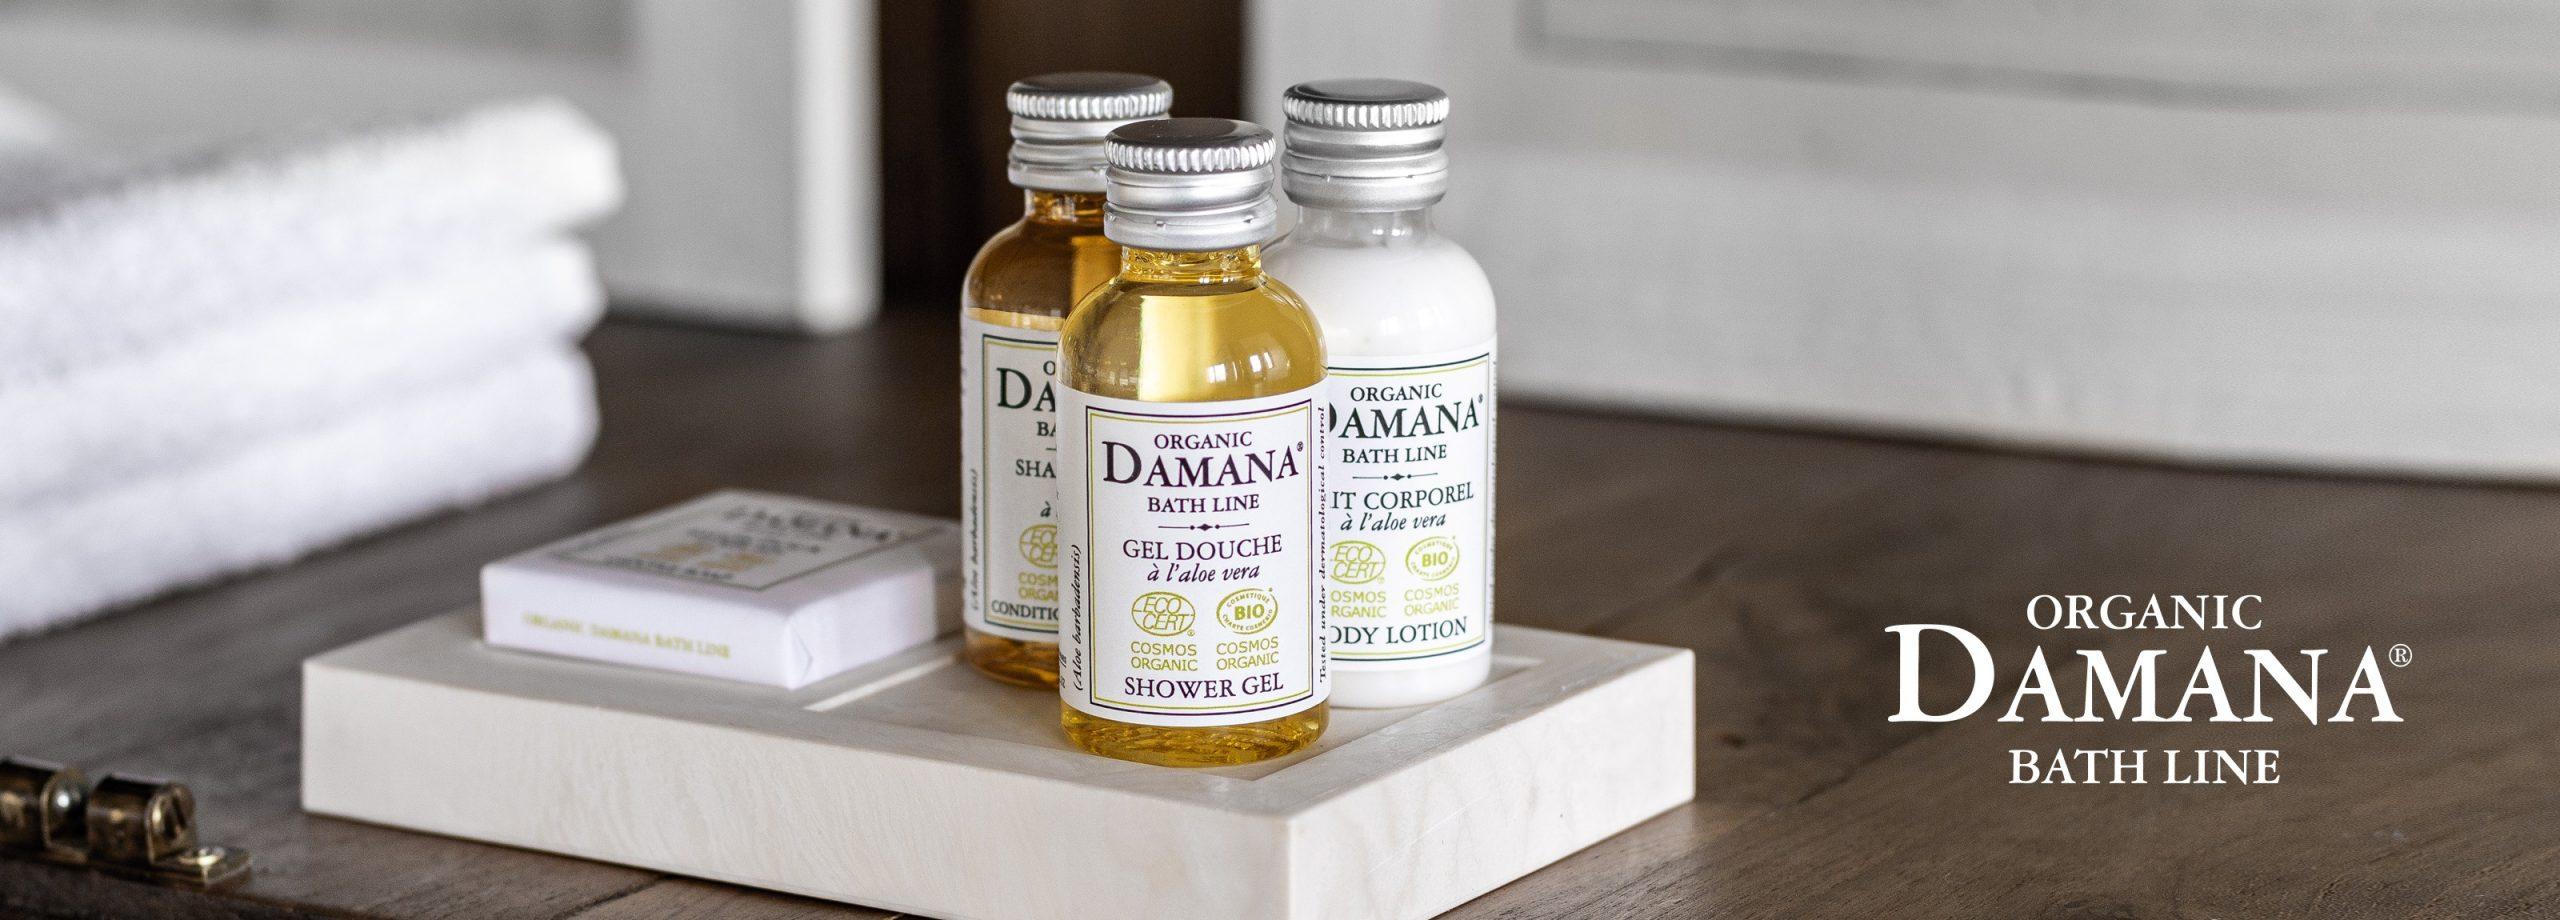 Damana Organic Bath Line